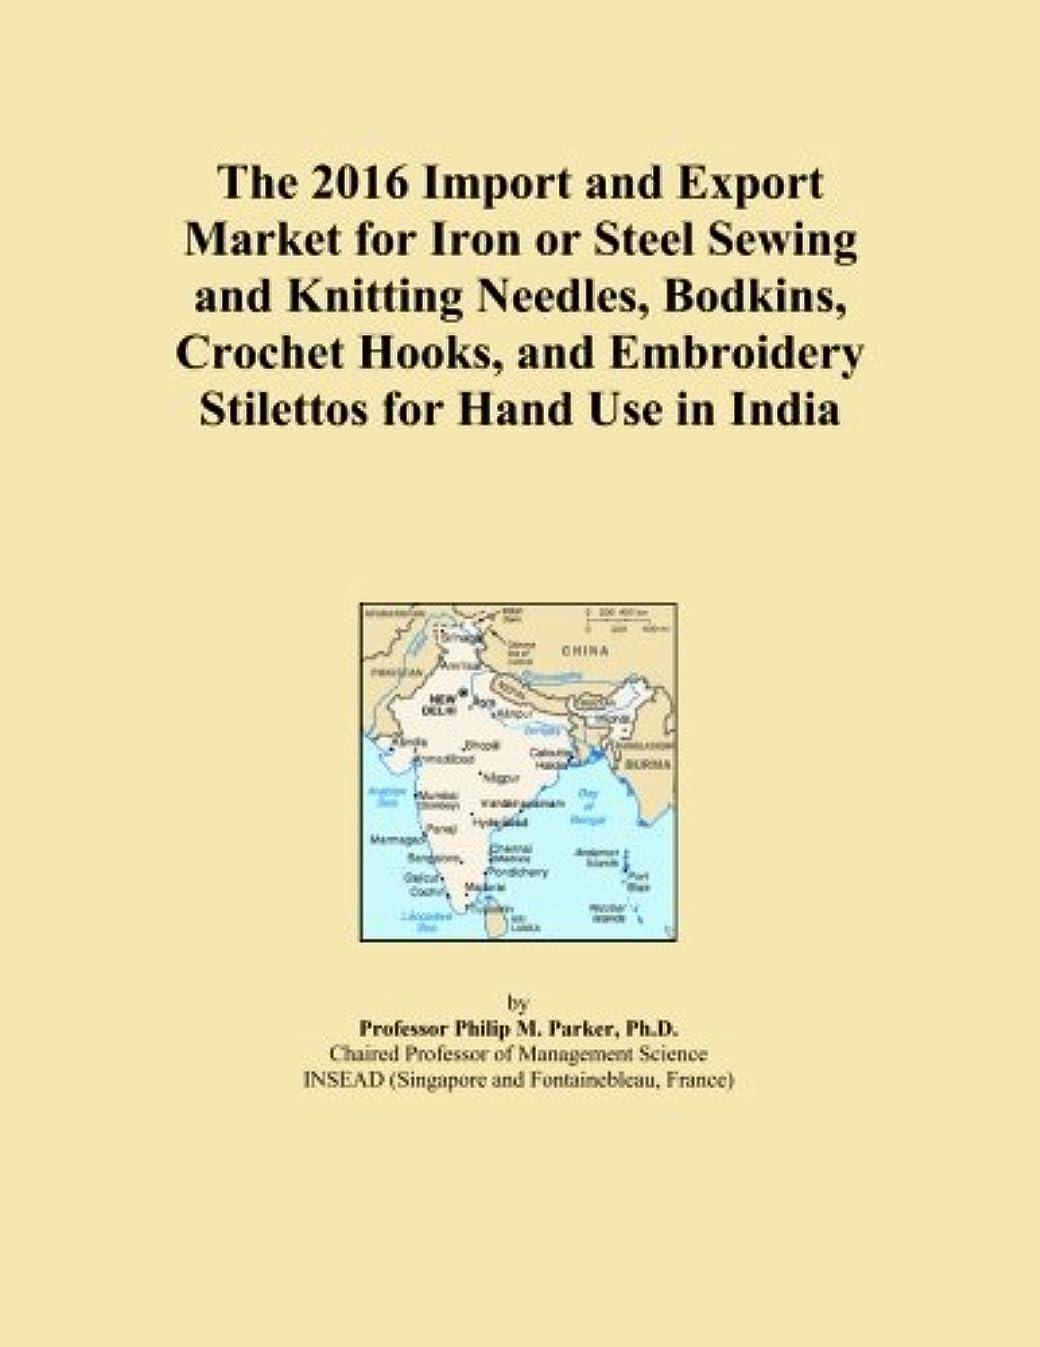 衰える挨拶議題The 2016 Import and Export Market for Iron or Steel Sewing and Knitting Needles, Bodkins, Crochet Hooks, and Embroidery Stilettos for Hand Use in India